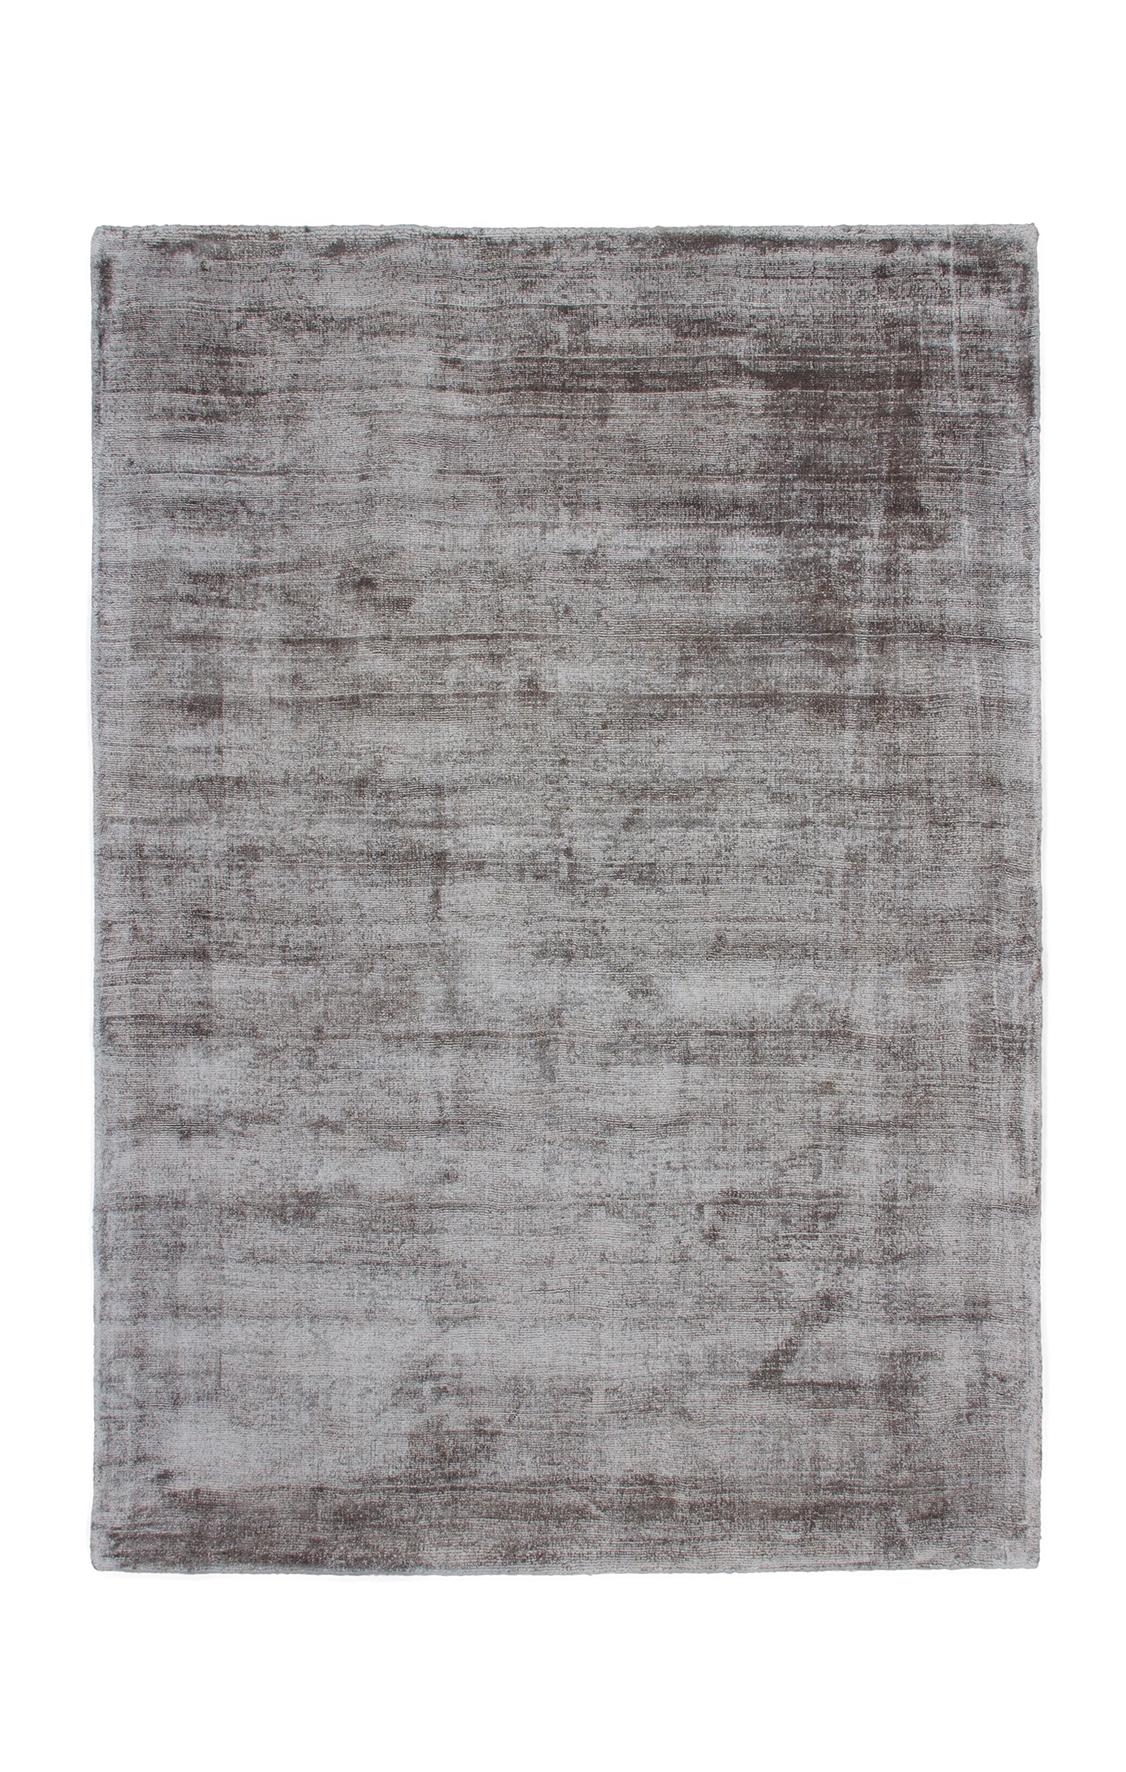 Obsession koberce Ručně tkaný kusový koberec MAORI 220 SILVER - 120x170 cm Šedá